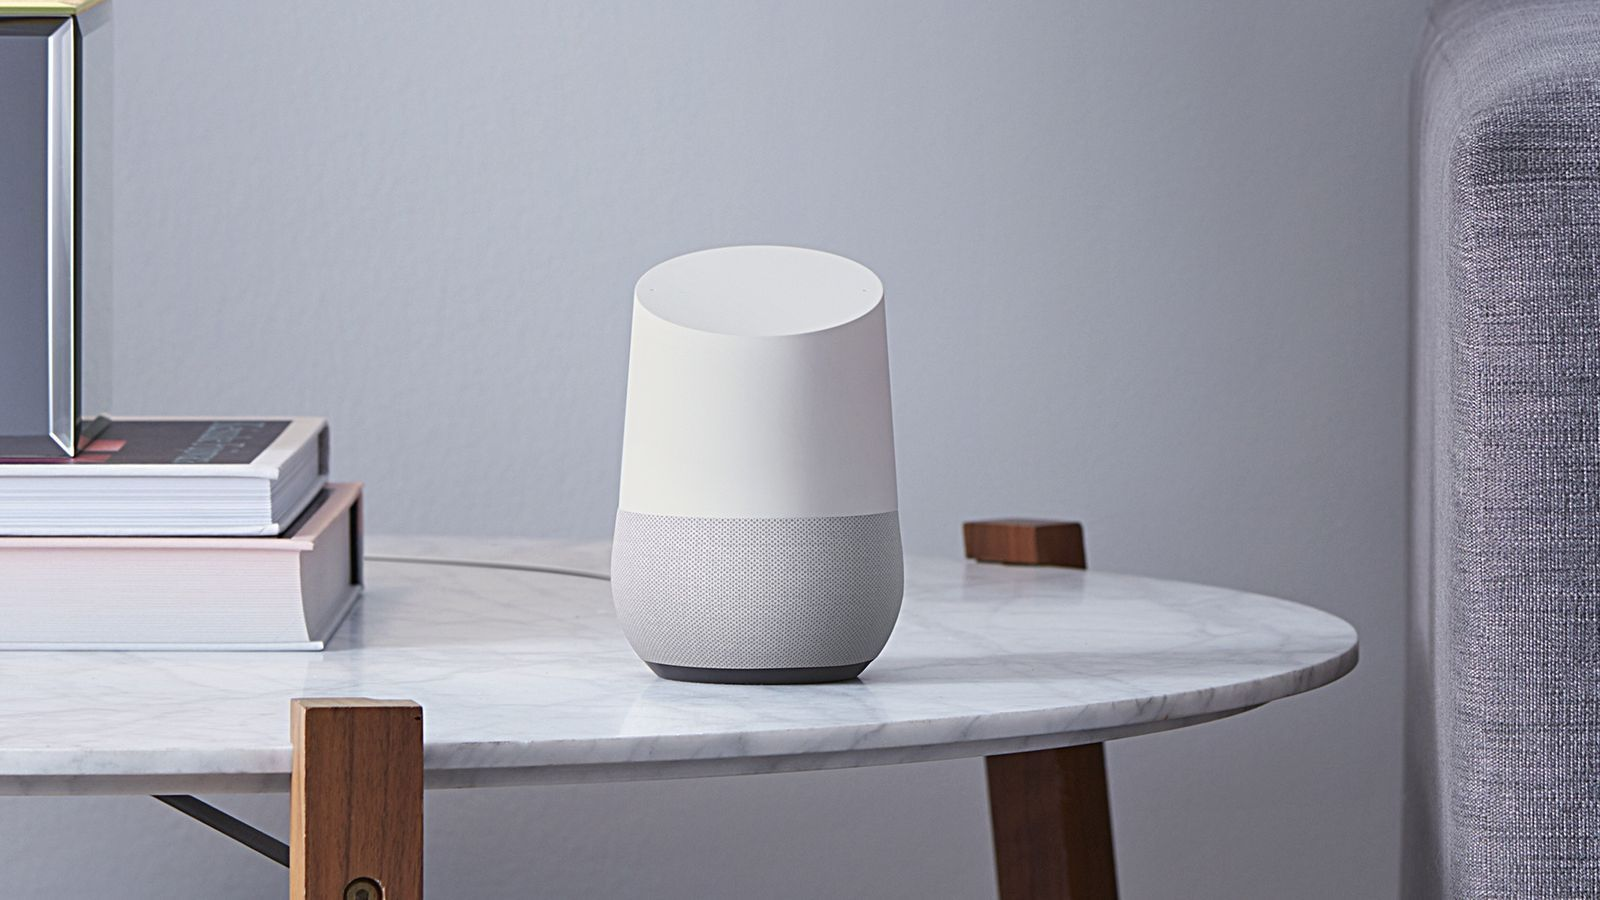 Télécommandez votre maison connectée depuis votre smartphone Google Assistant